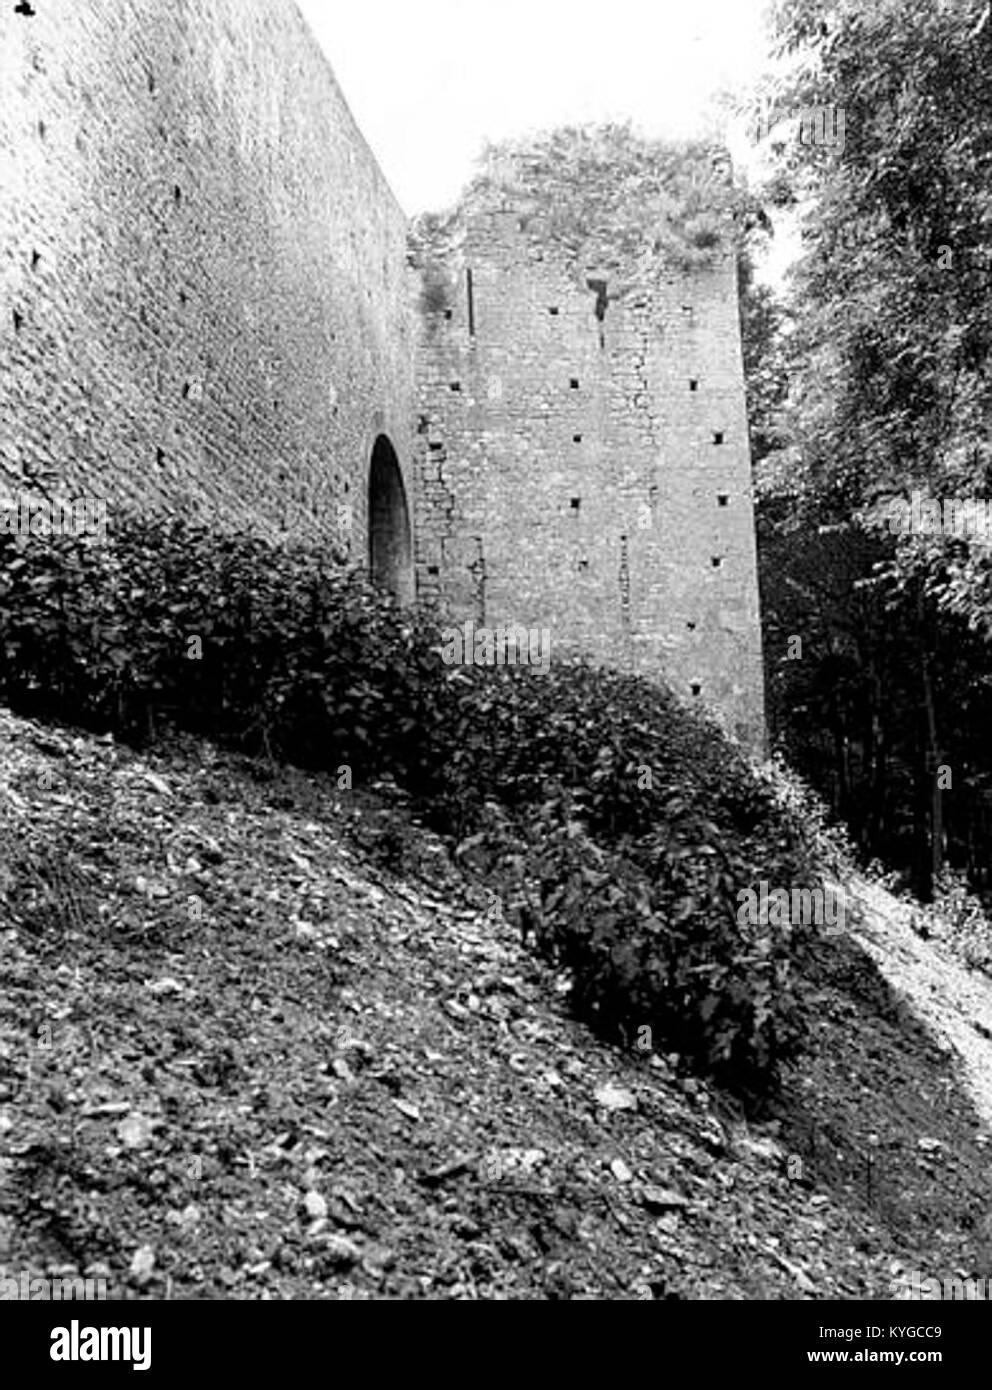 Remparts - Poudrière - Provins - Médiathèque de l'architecture et du patrimoine - APMH00031707 - Stock Image